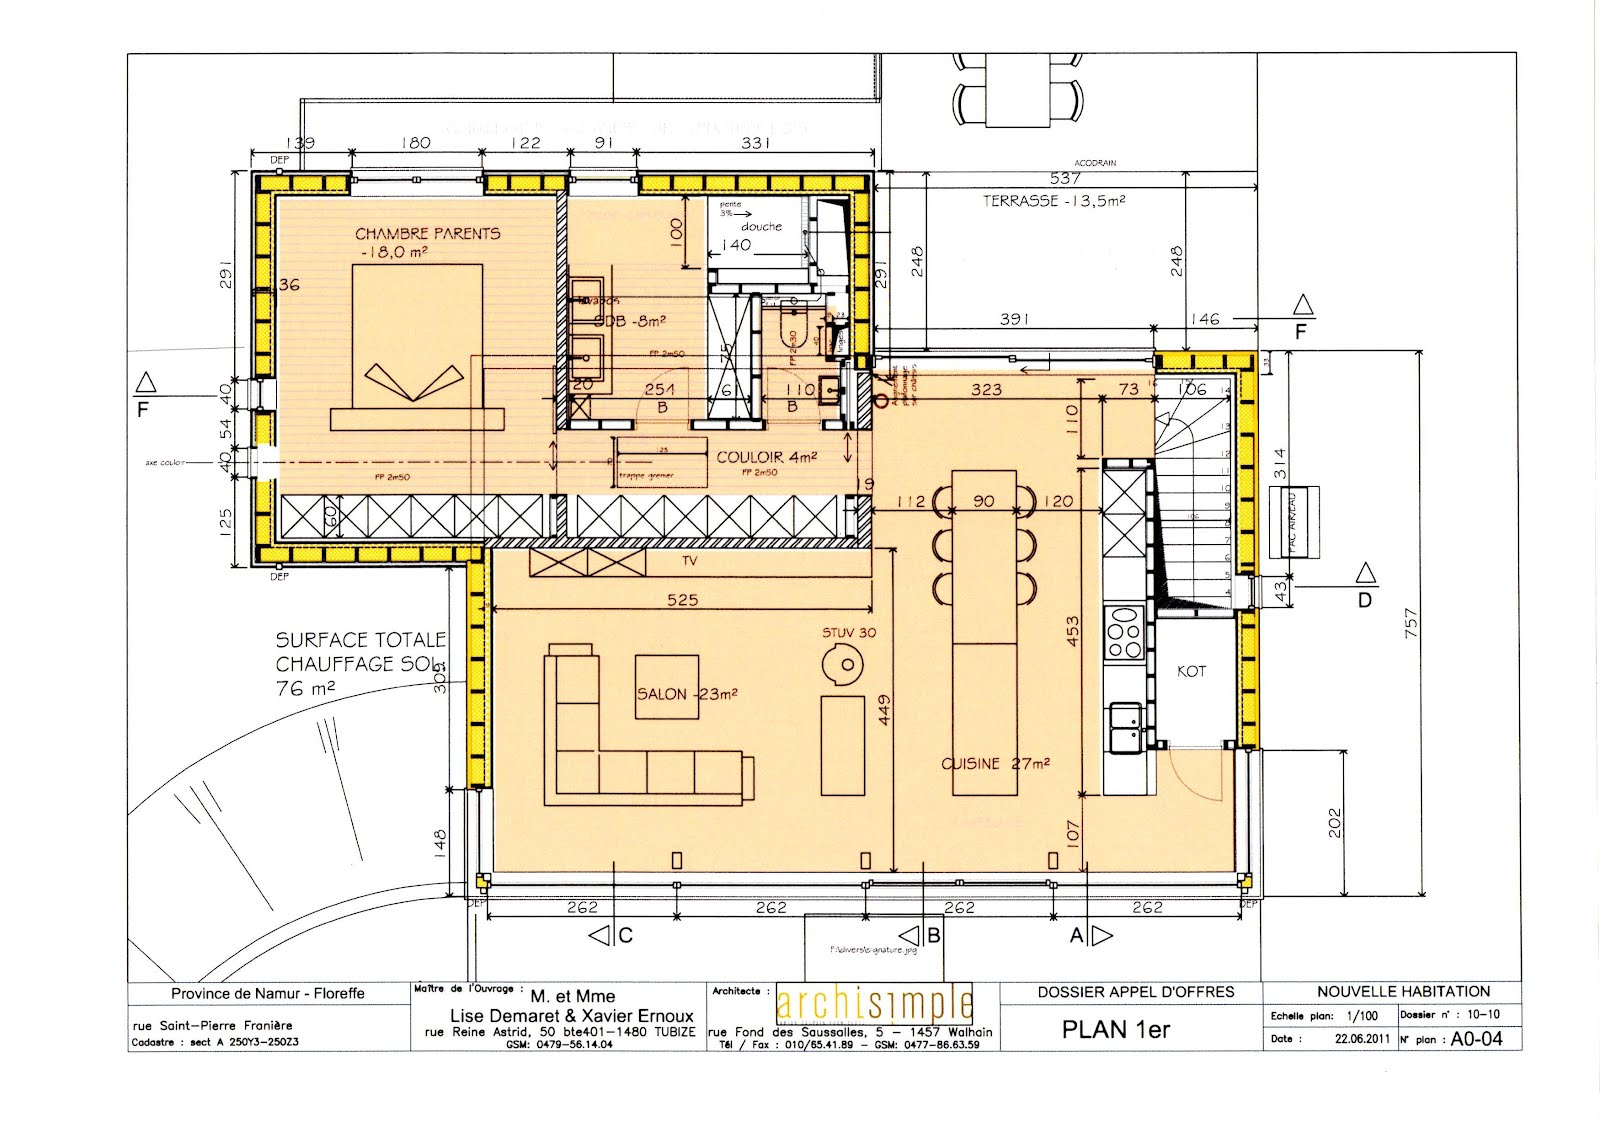 Amazing Plans Maison Gratuits Les Plans Maison Plan Maison Etage Chambres  Bureau With Plan De Maison 5 Chambres